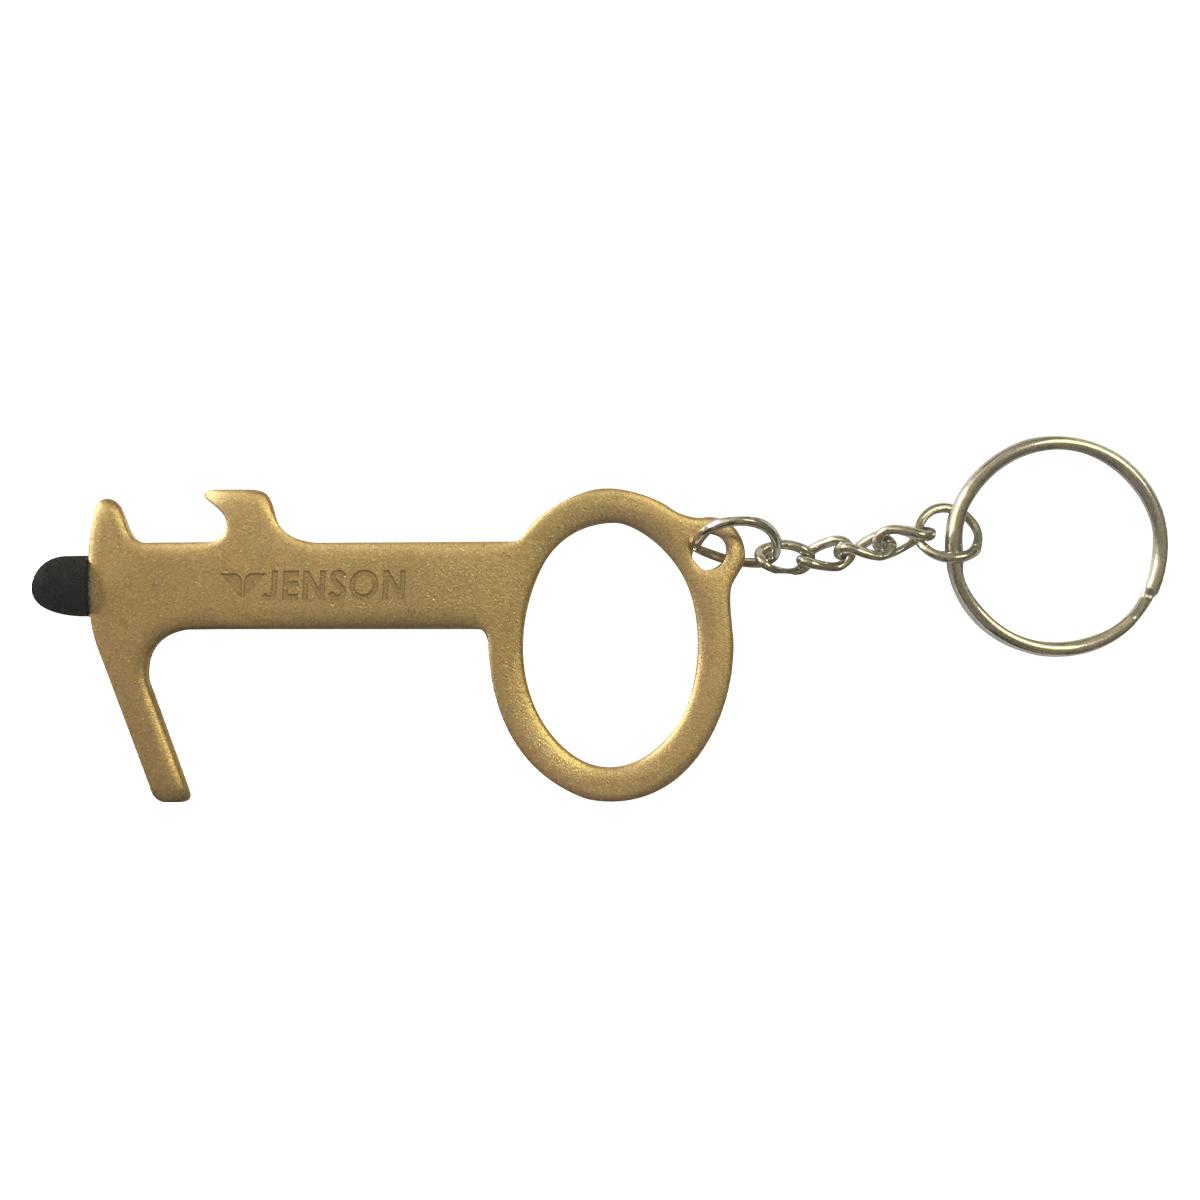 Brass Door Opener With Bottle Opener & Stylus